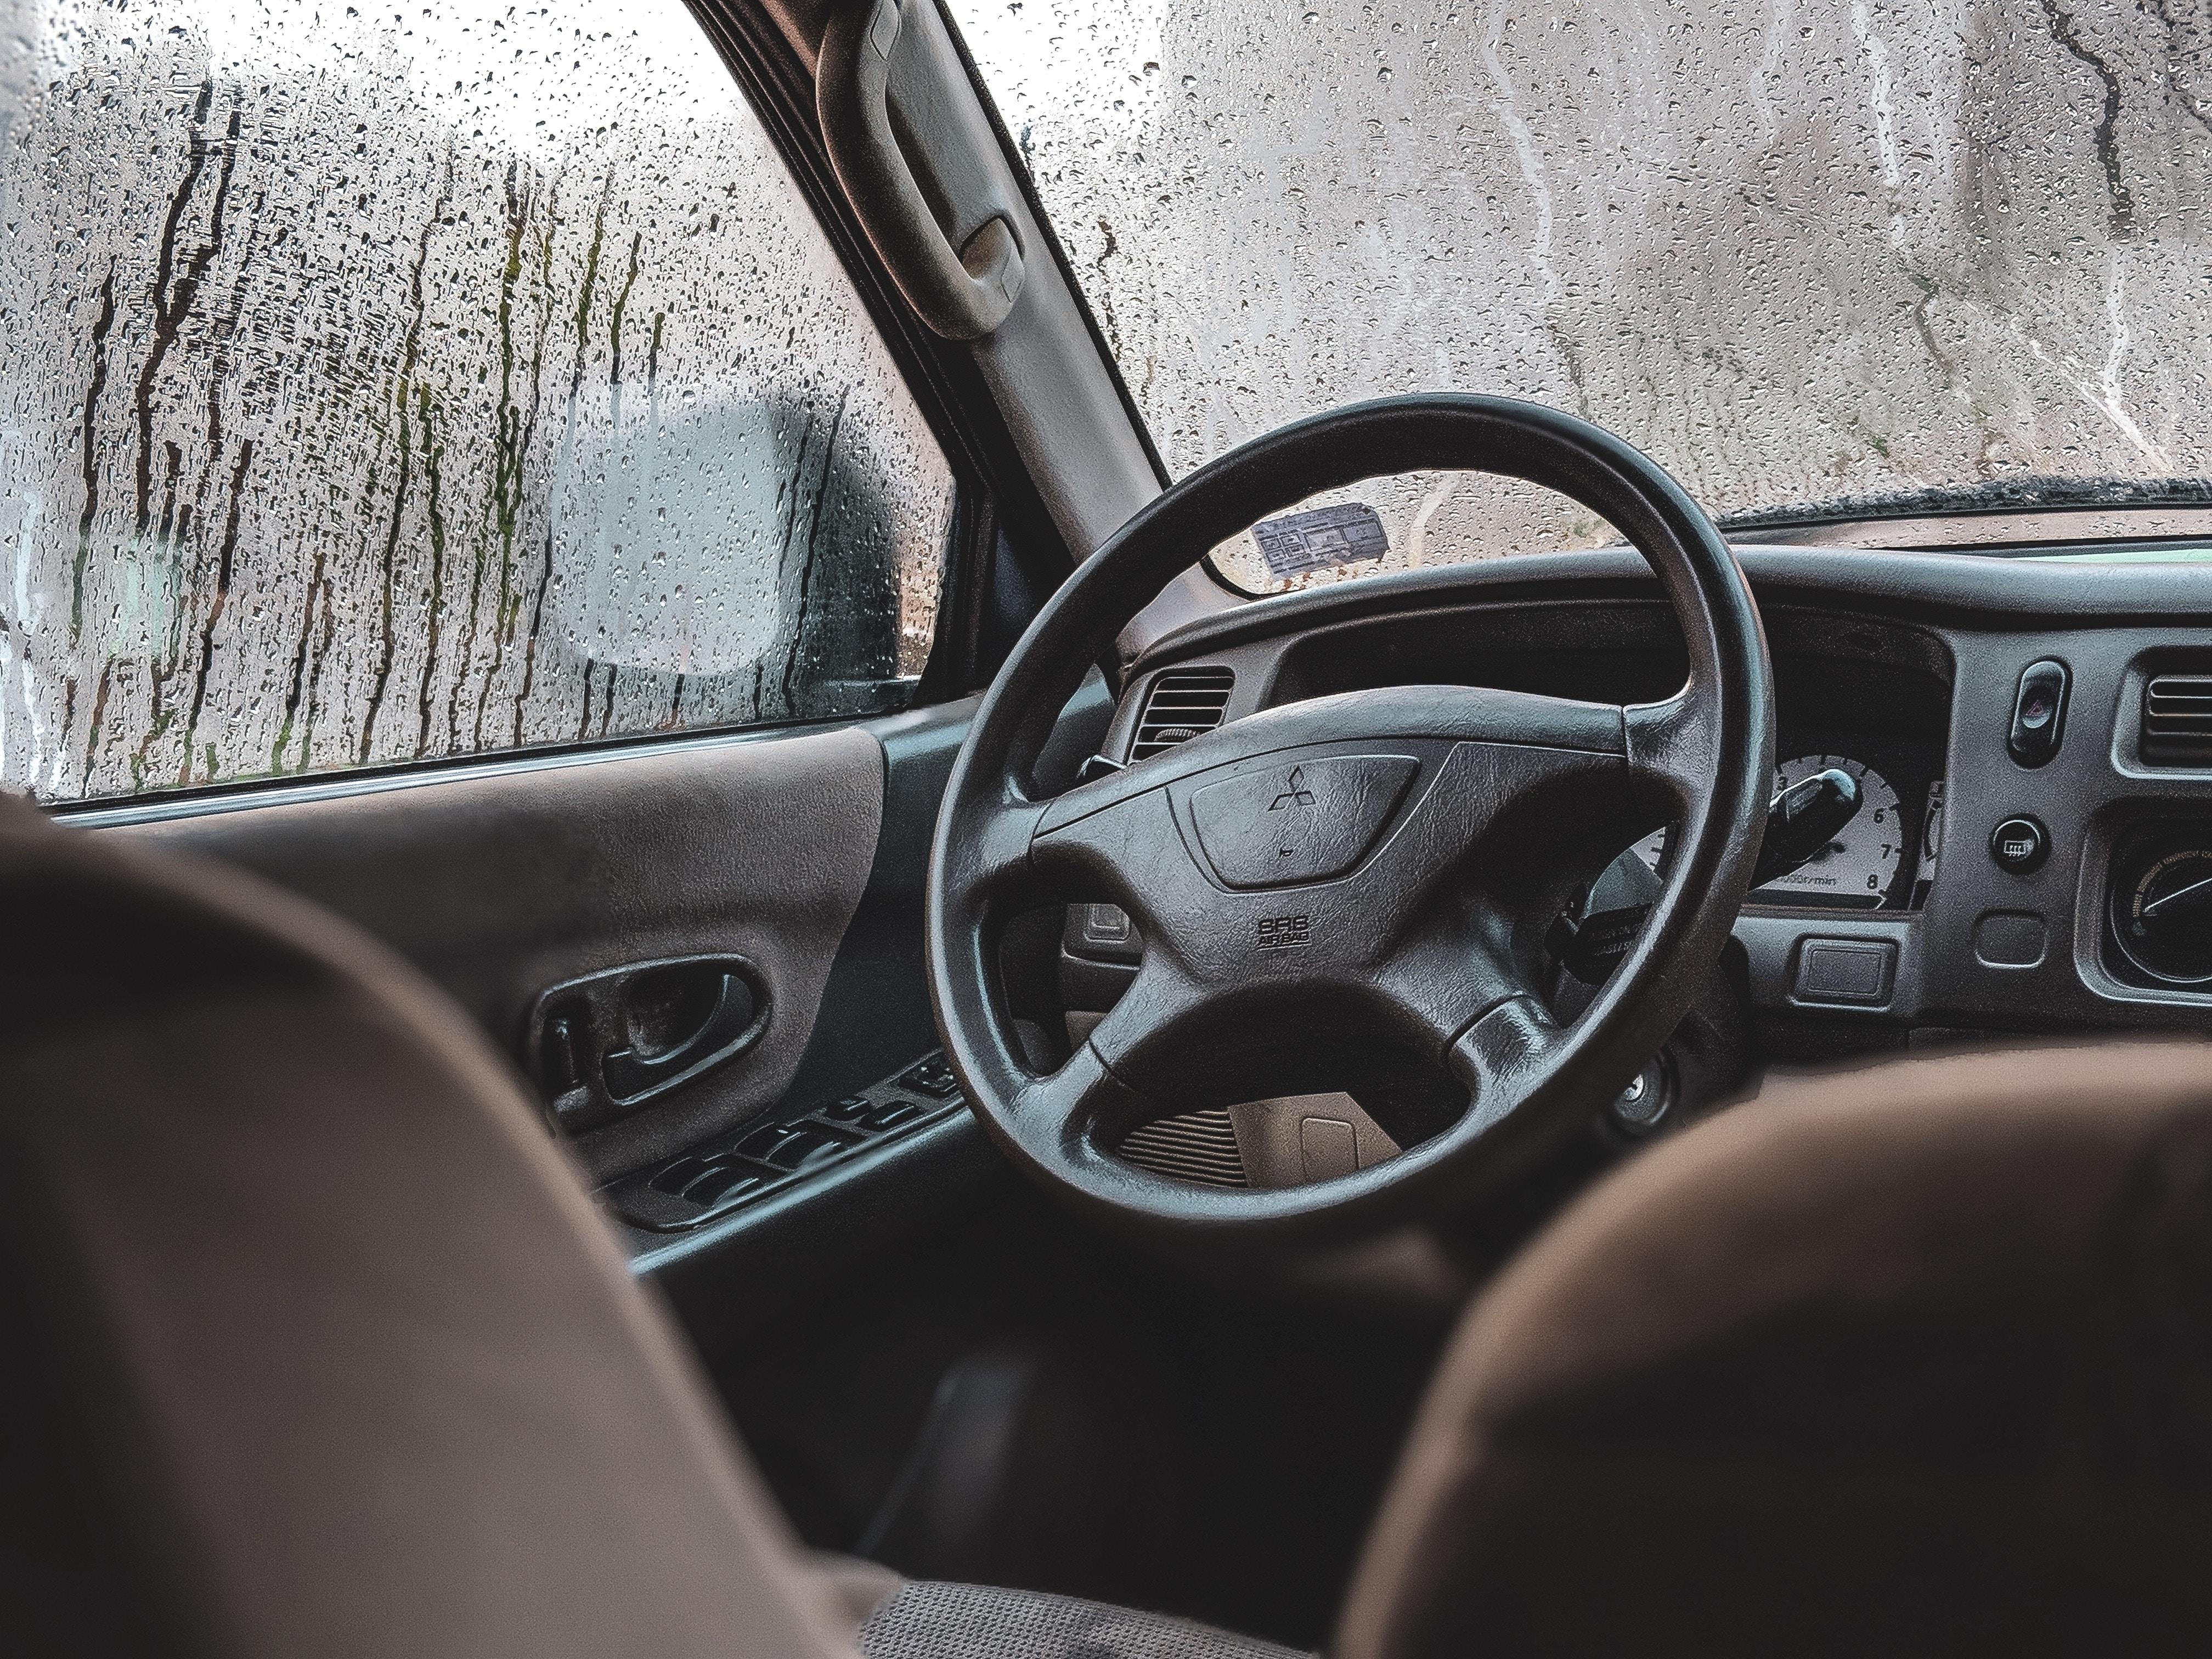 black Mitsubishi vehicle steering wheel